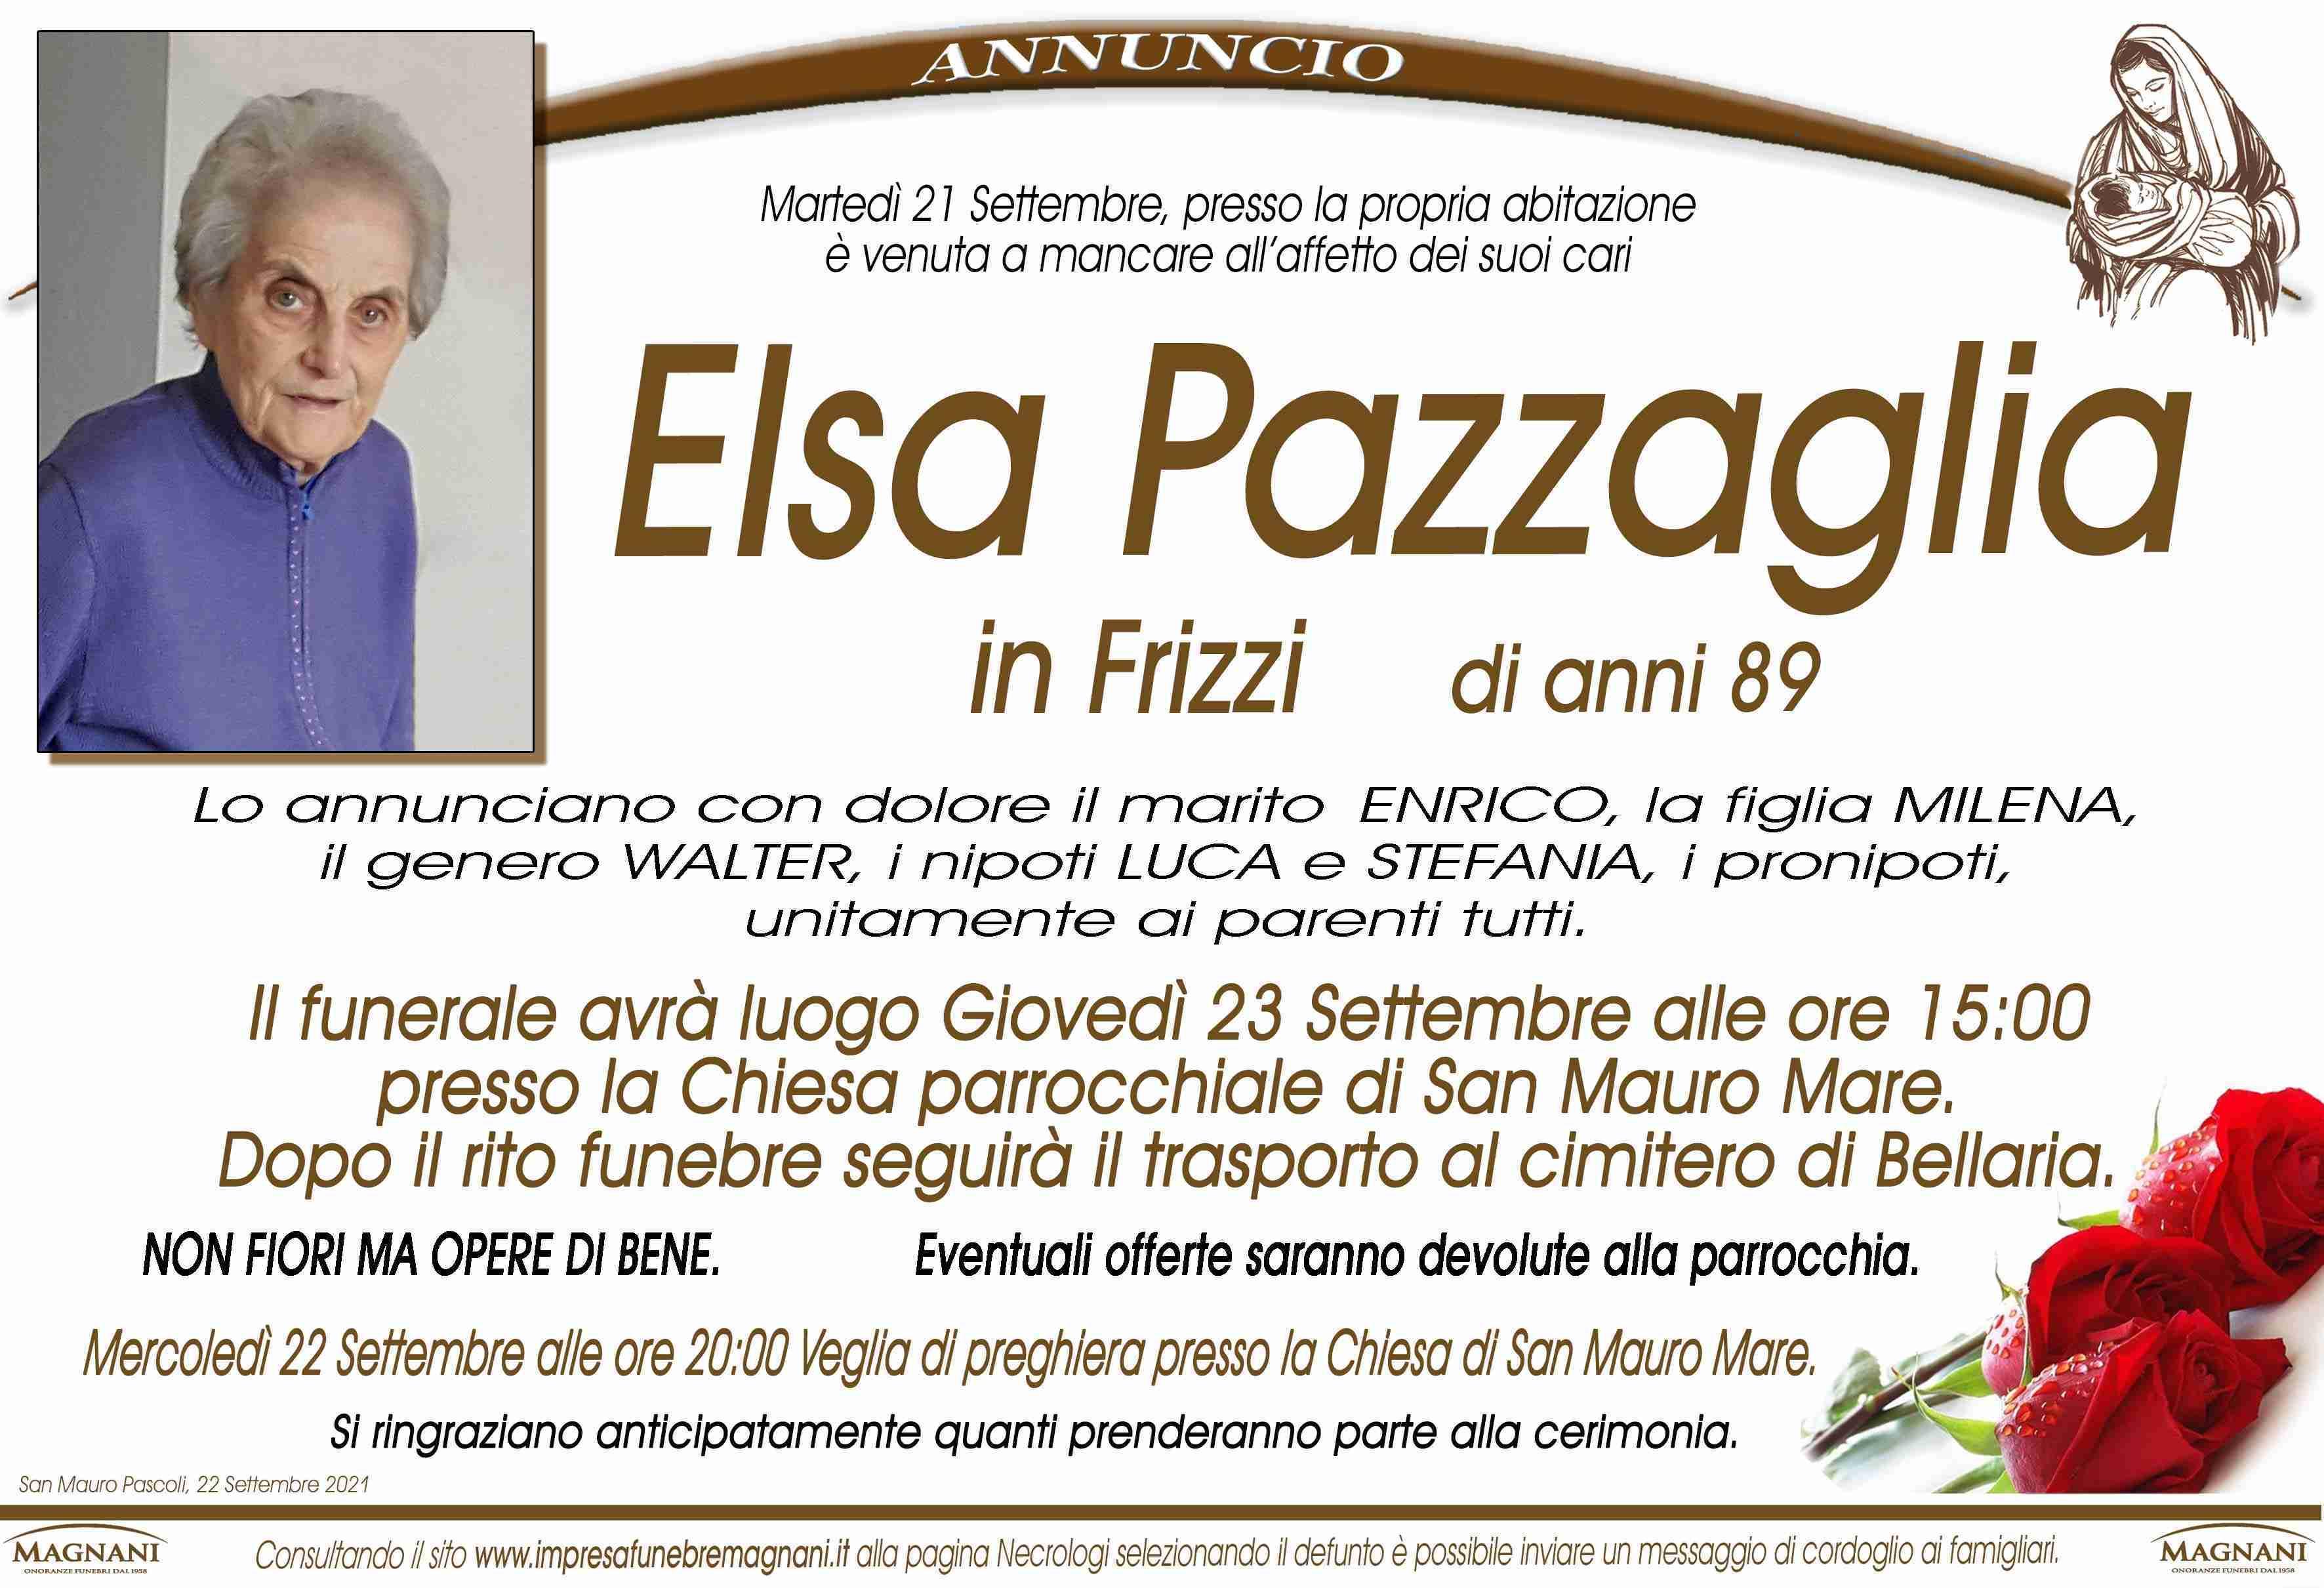 Elsa Pazzaglia